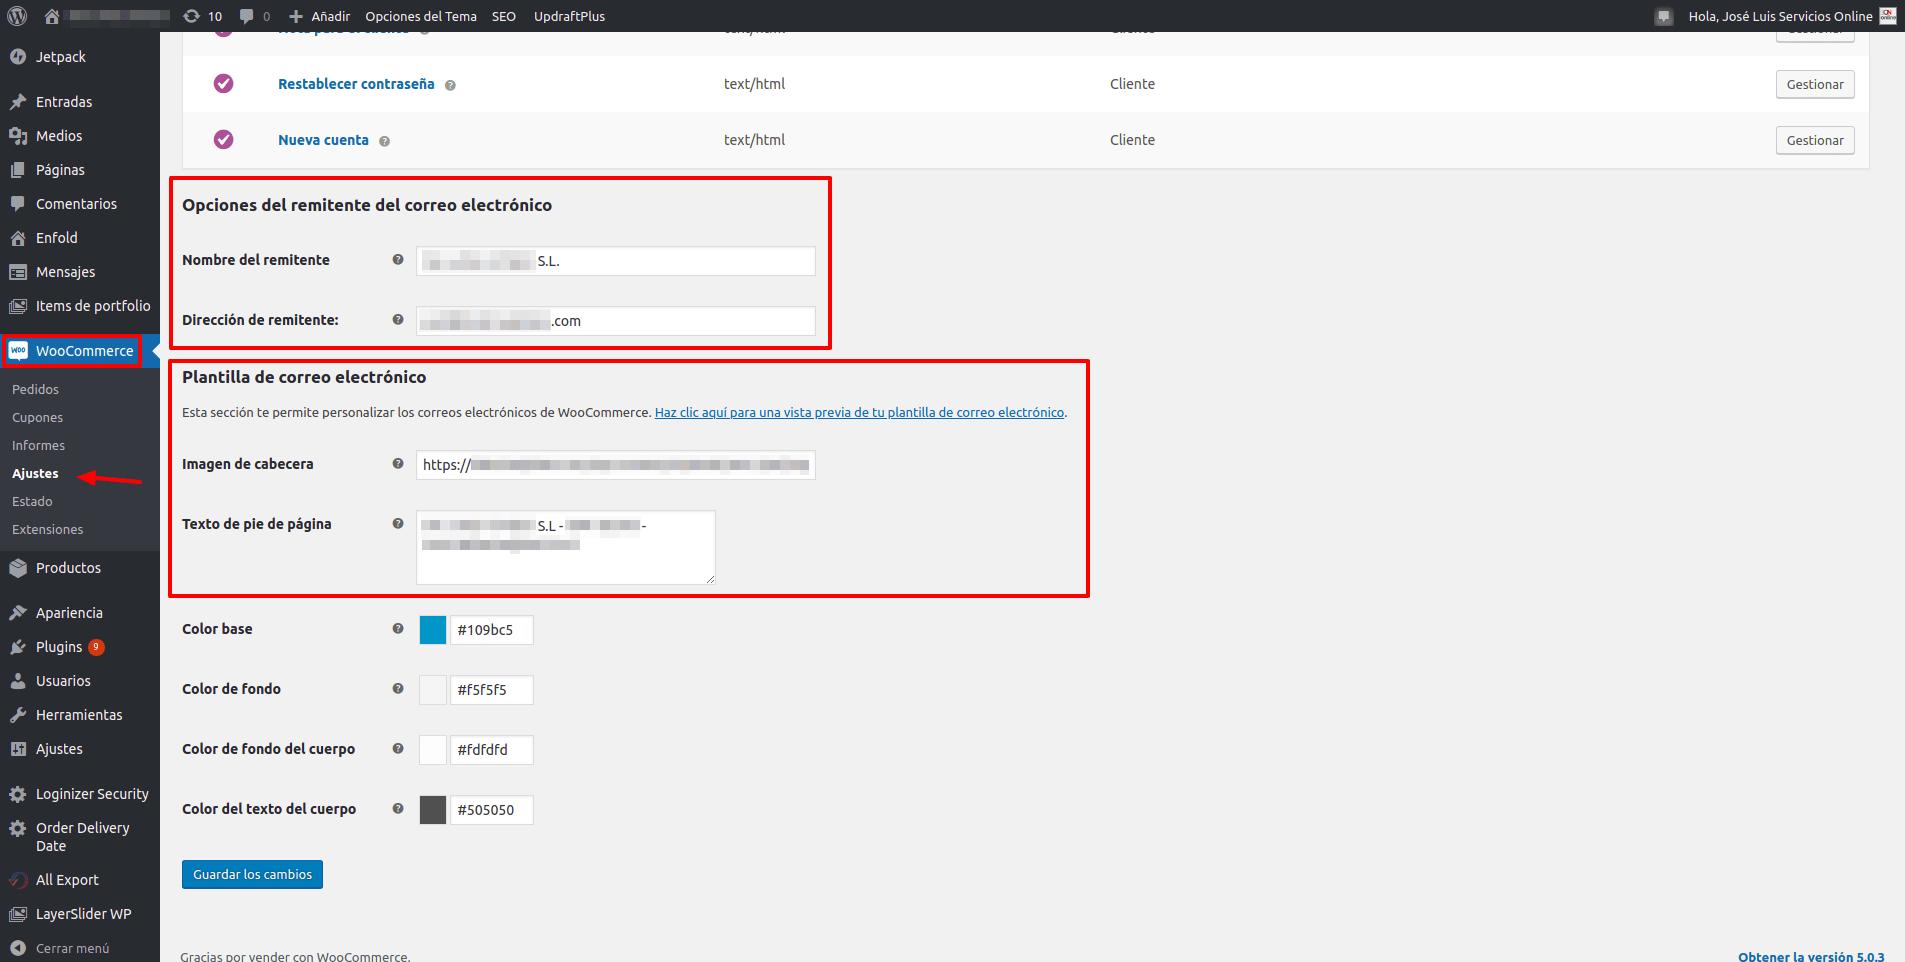 WordPress WooCommerce - Opciones del remitente del correo electronico - Plantilla de correo eletronico - servicios.io